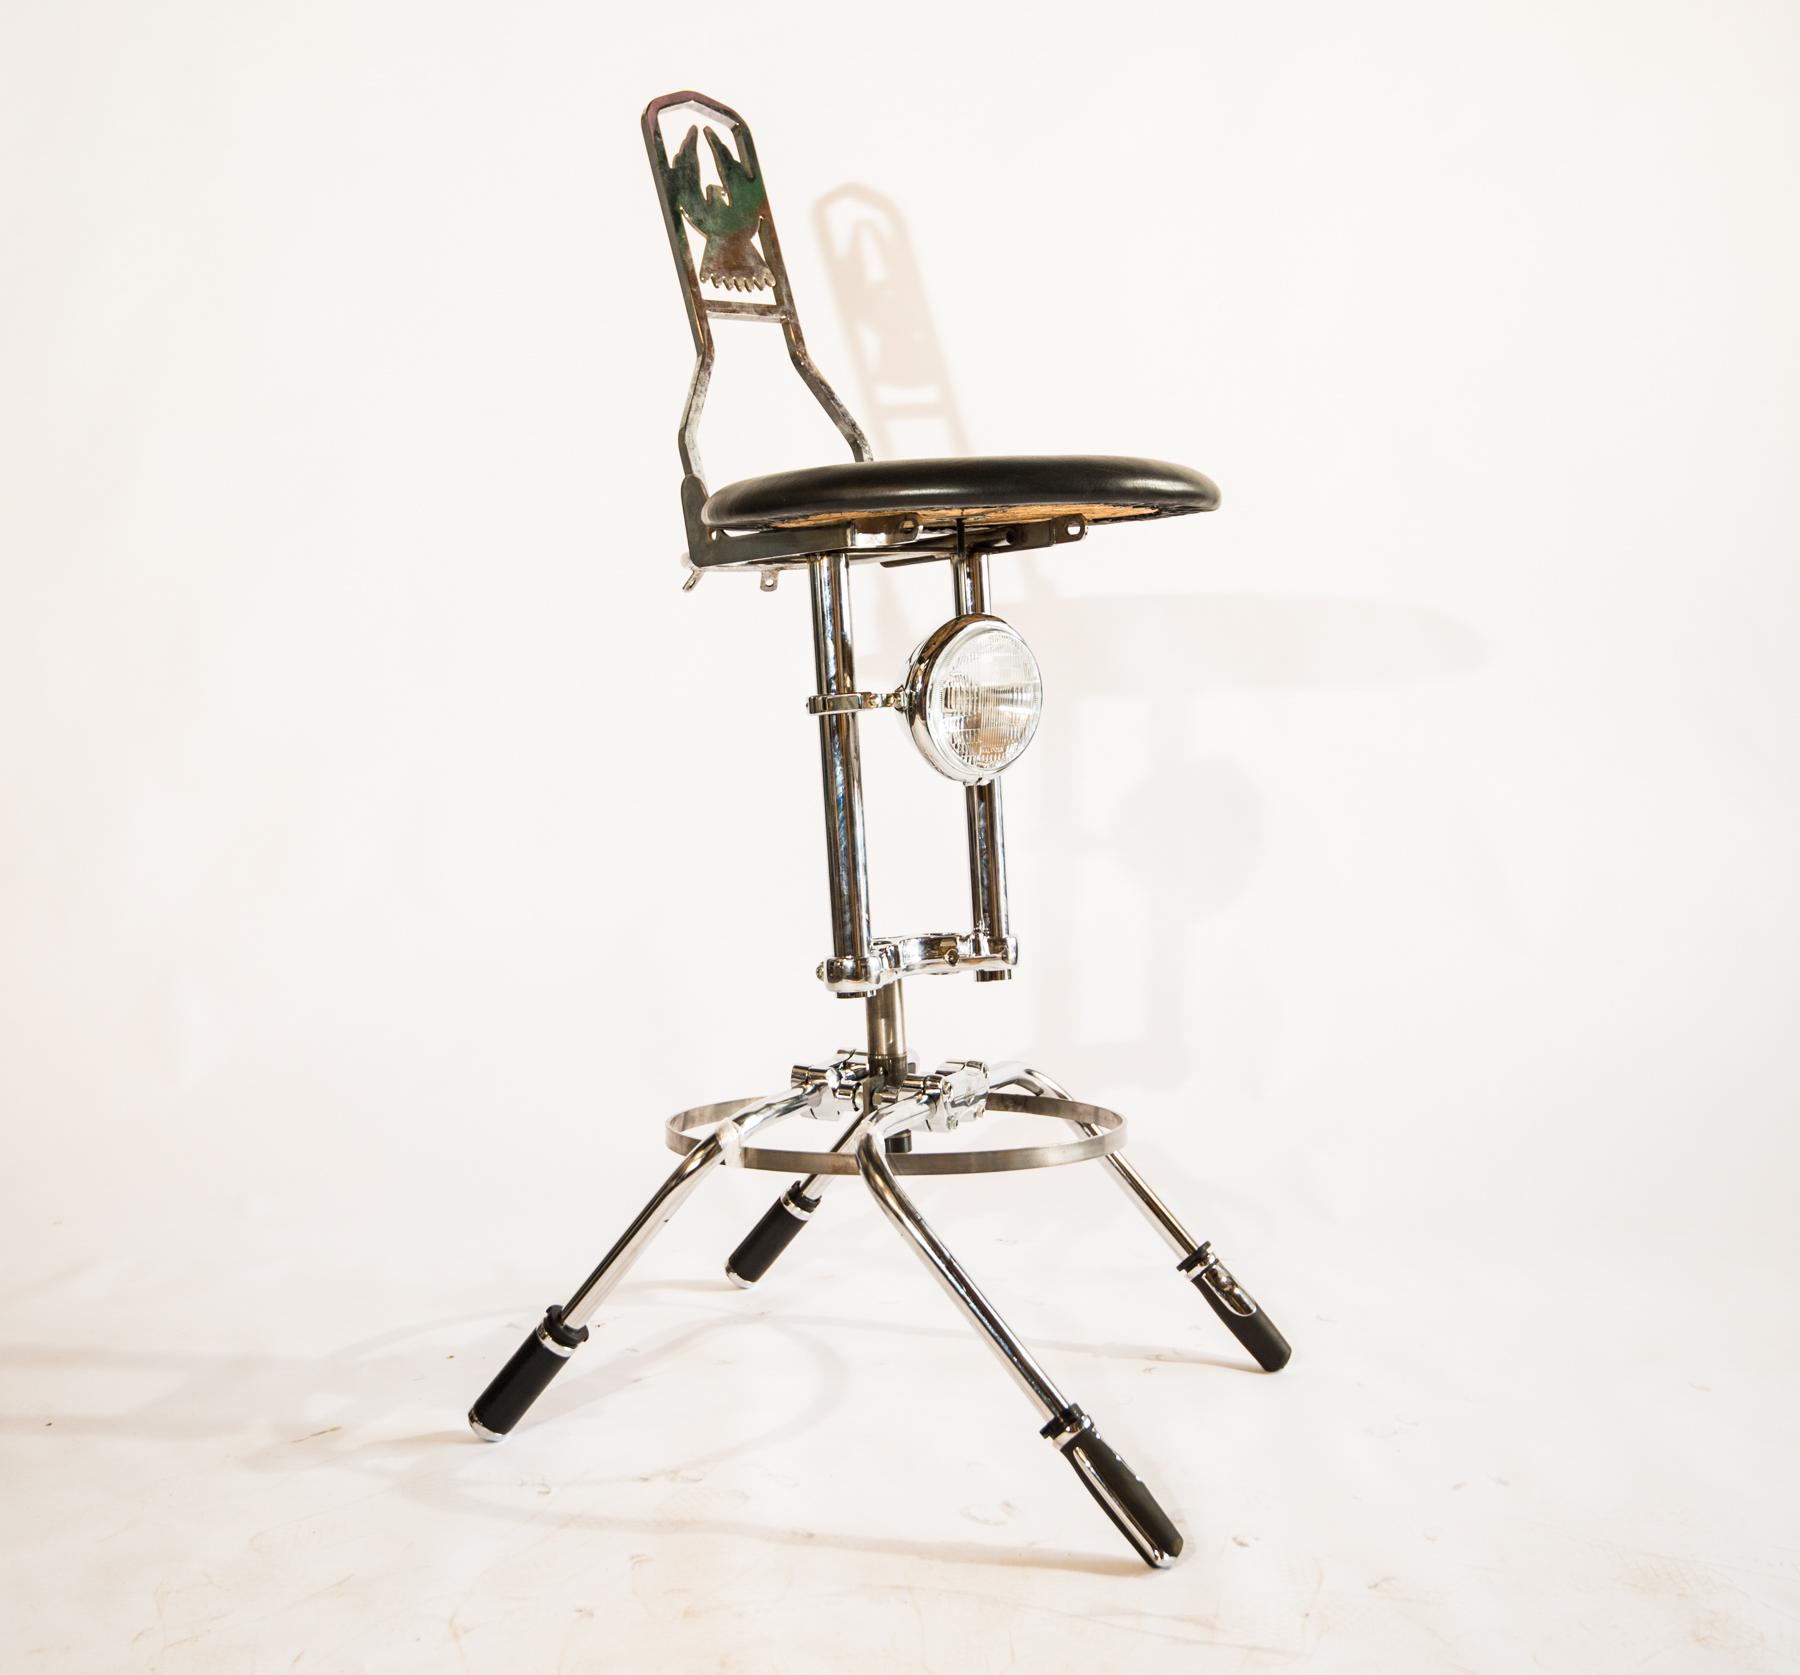 Moto stool prototype with sissy bar back